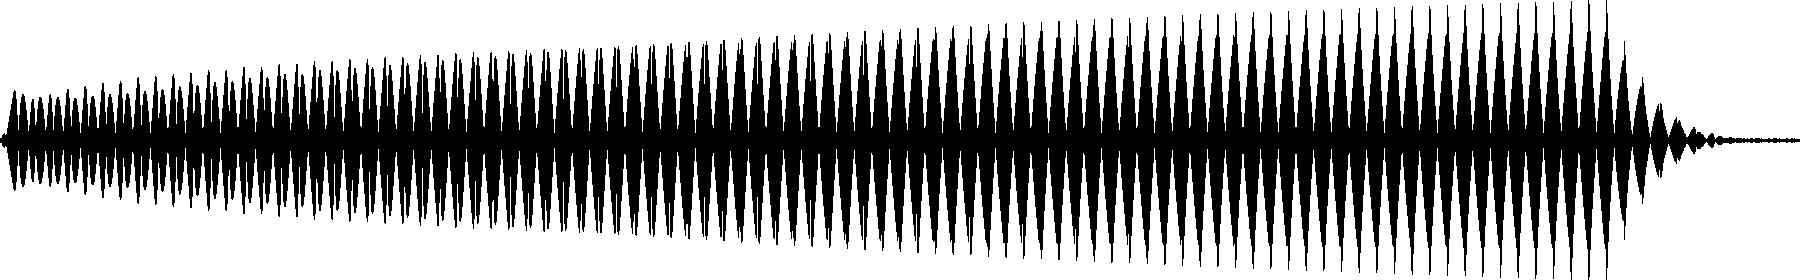 veh2 synths   094 c